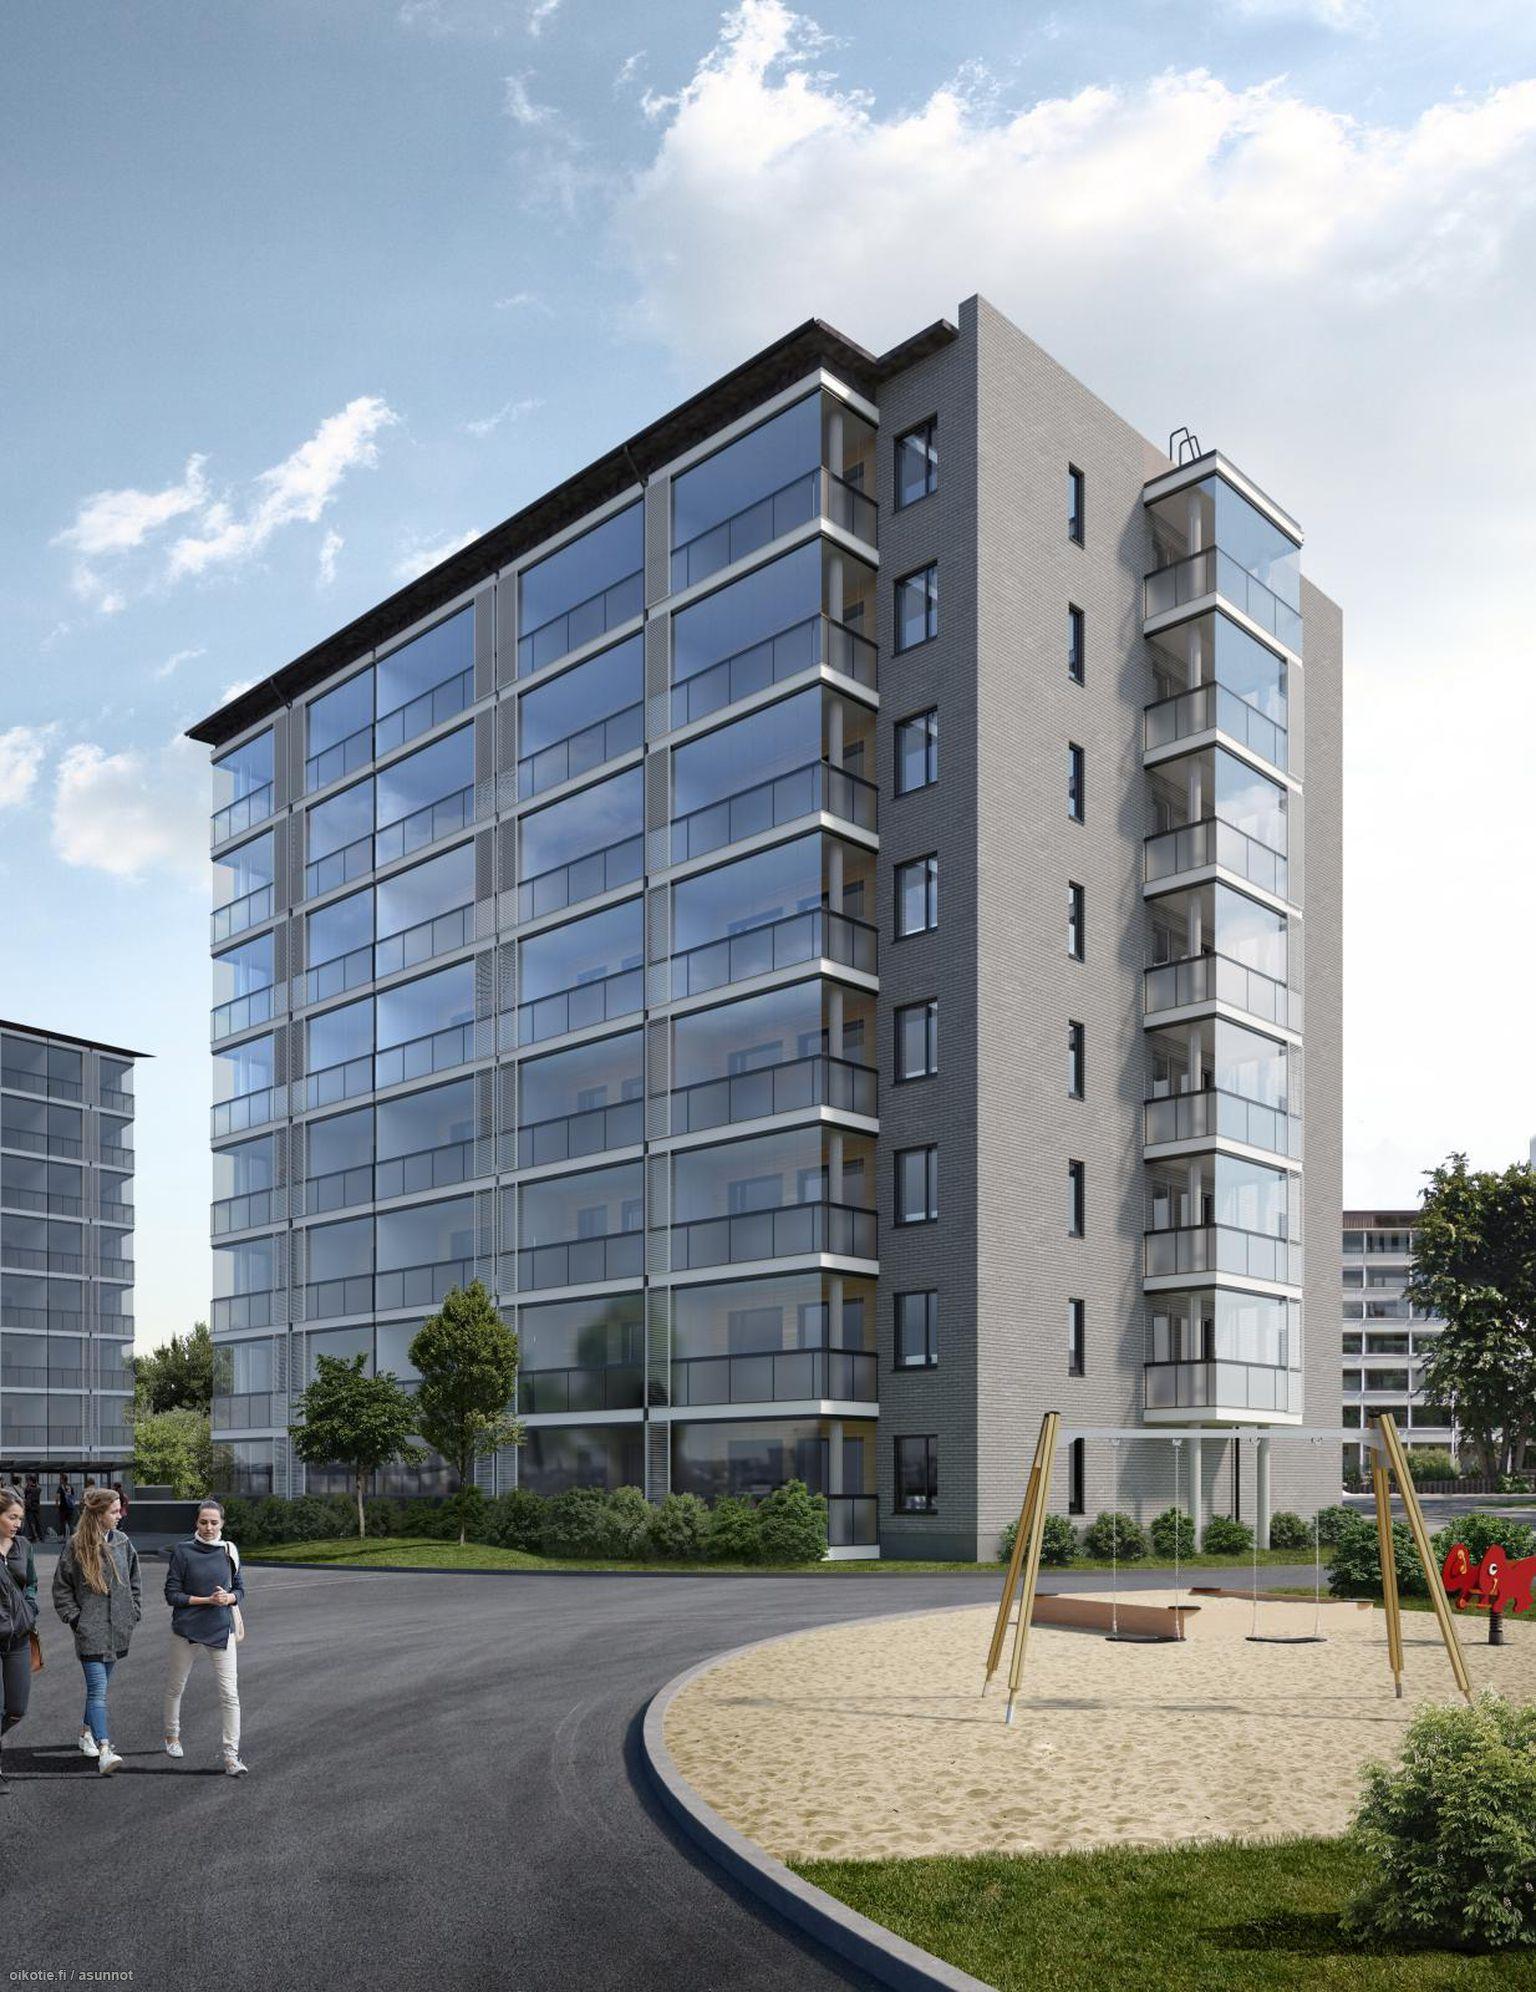 49 m² Kirkkotie 2 G 257, 20540 Turku Kerrostalo Kaksio myynnissä - Oikotie 14731320